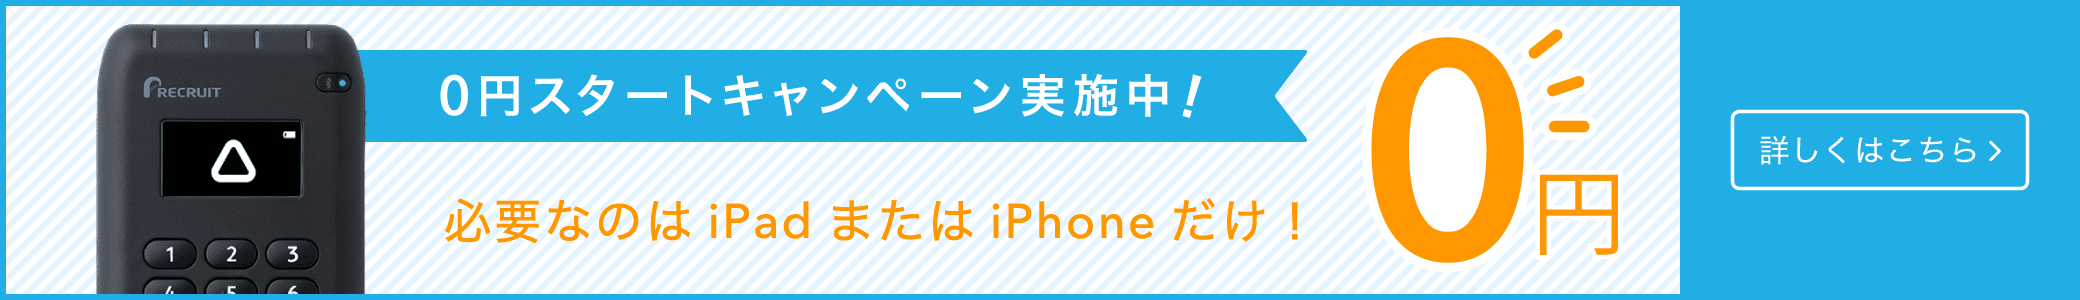 0円スタートキャンペーン